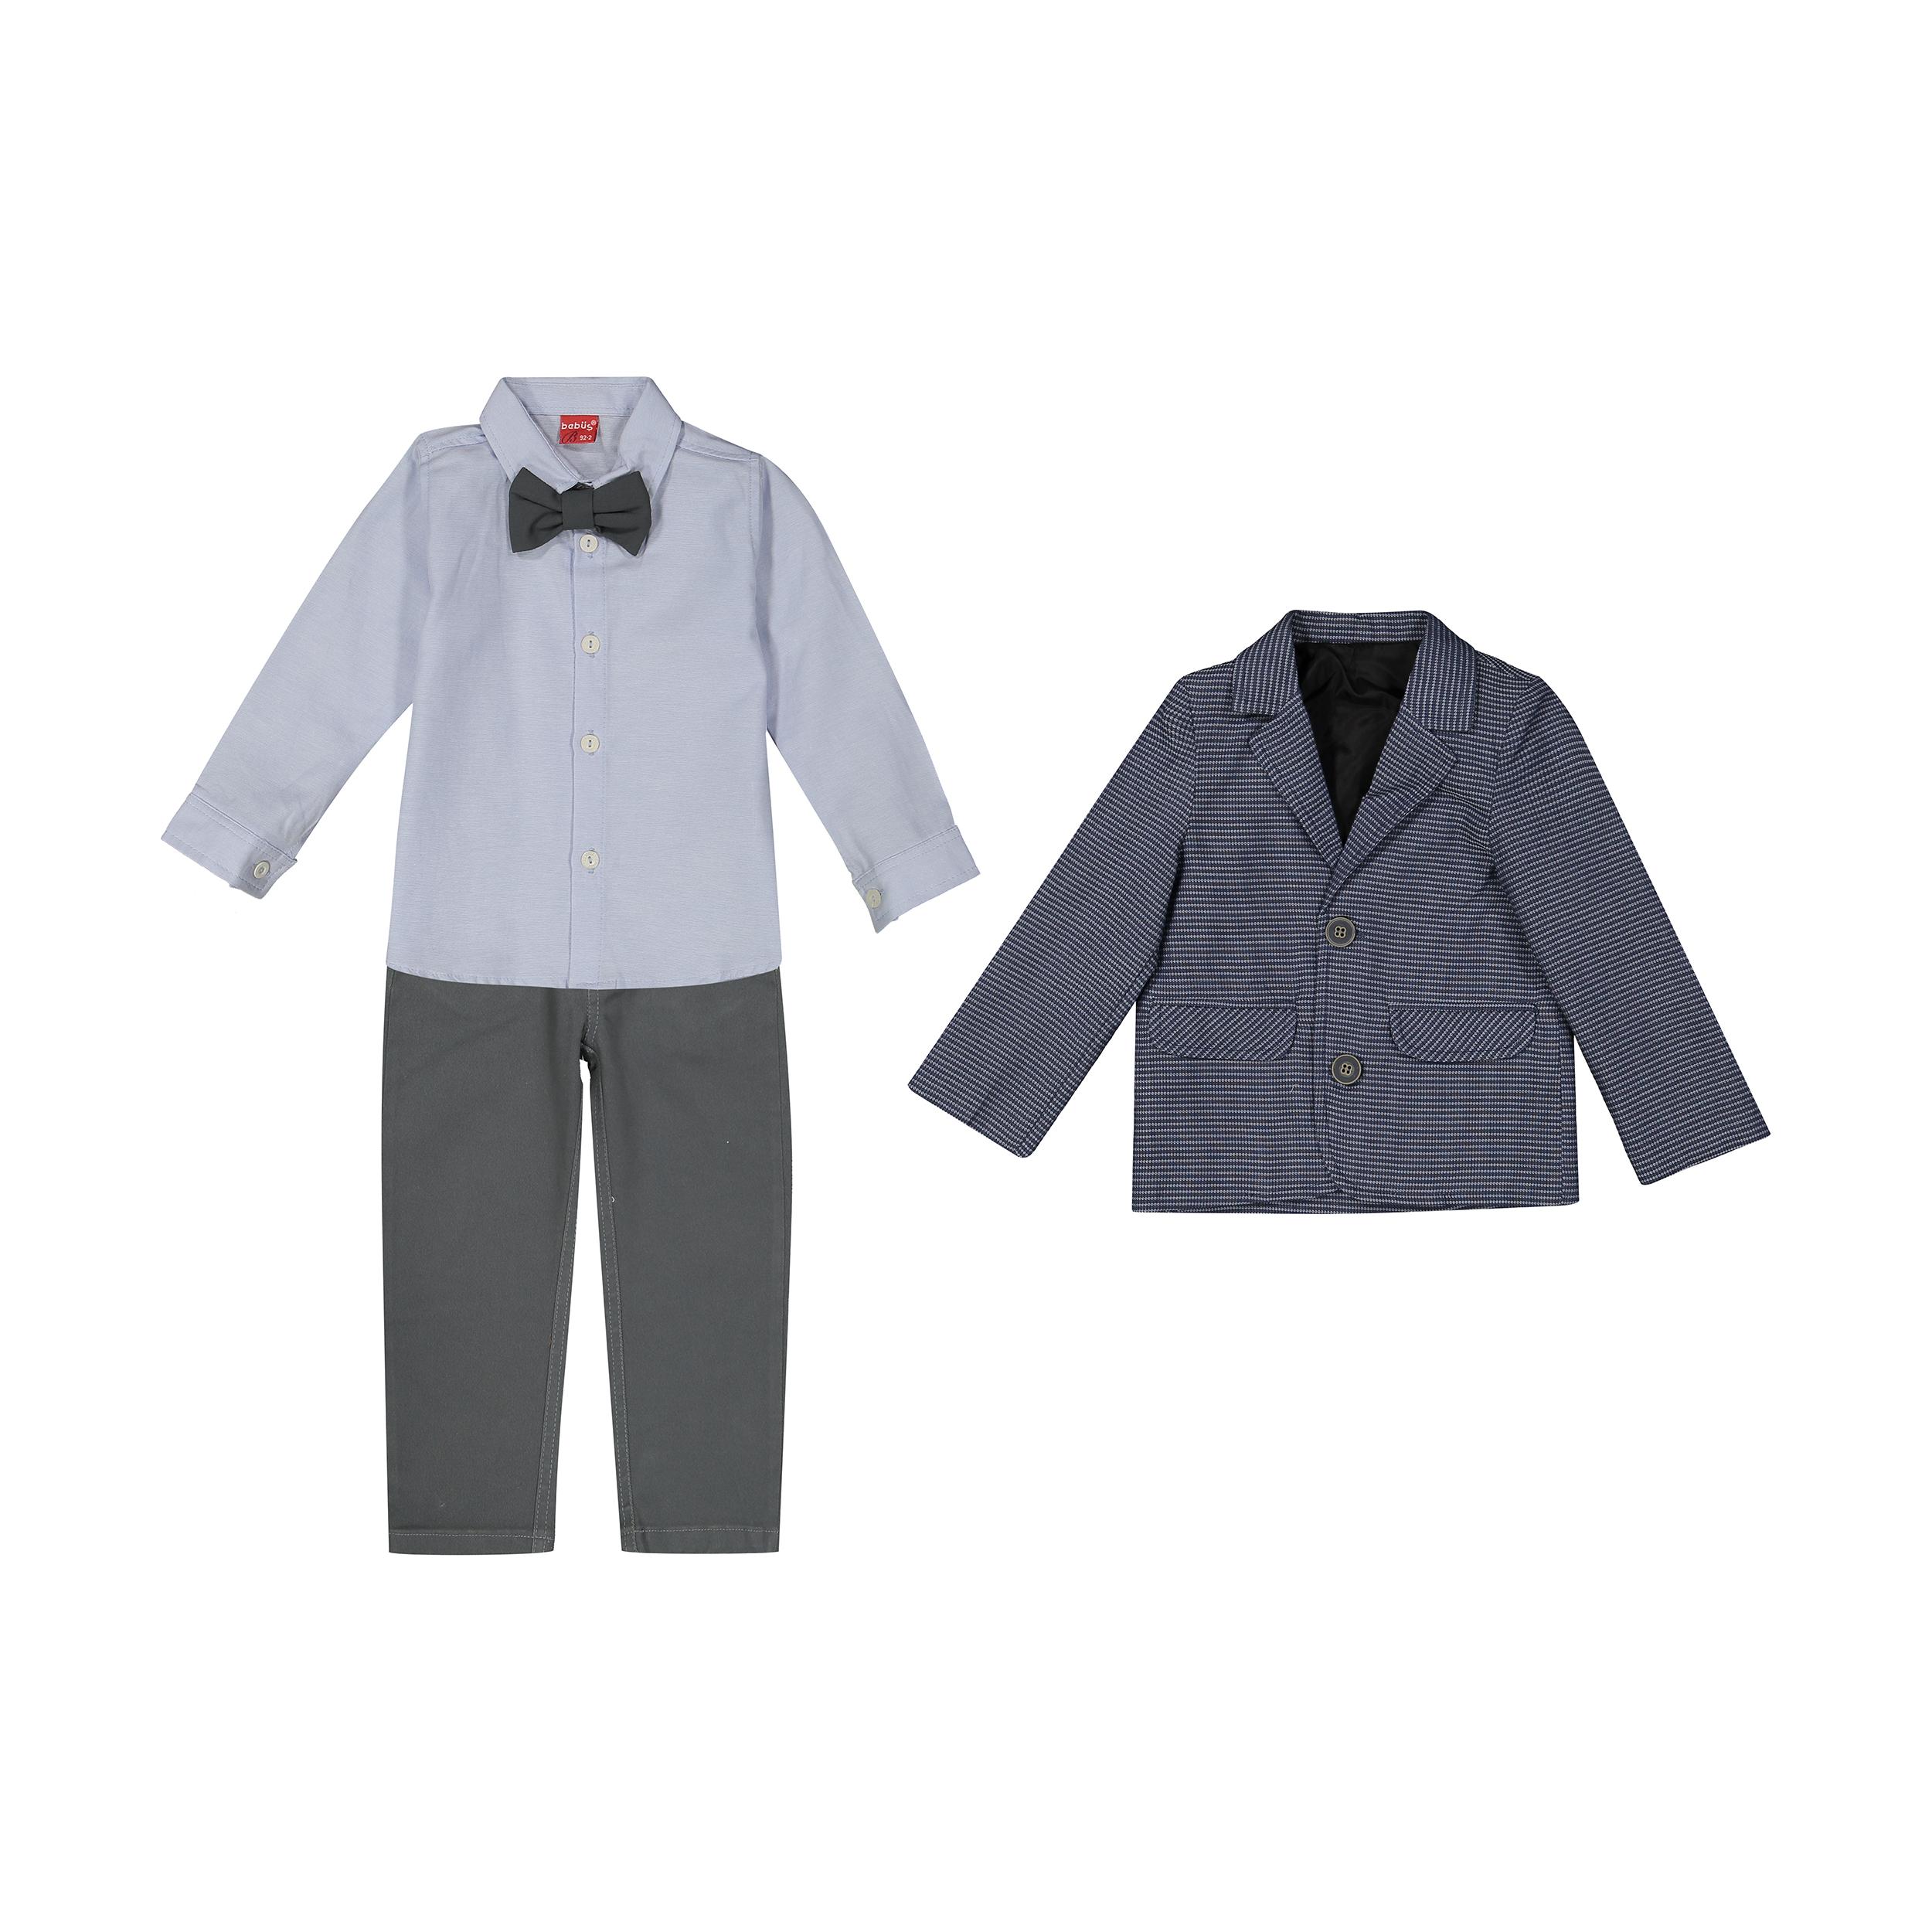 ست 3 تکه لباس پسرانه ببوش مدل 2141285-58